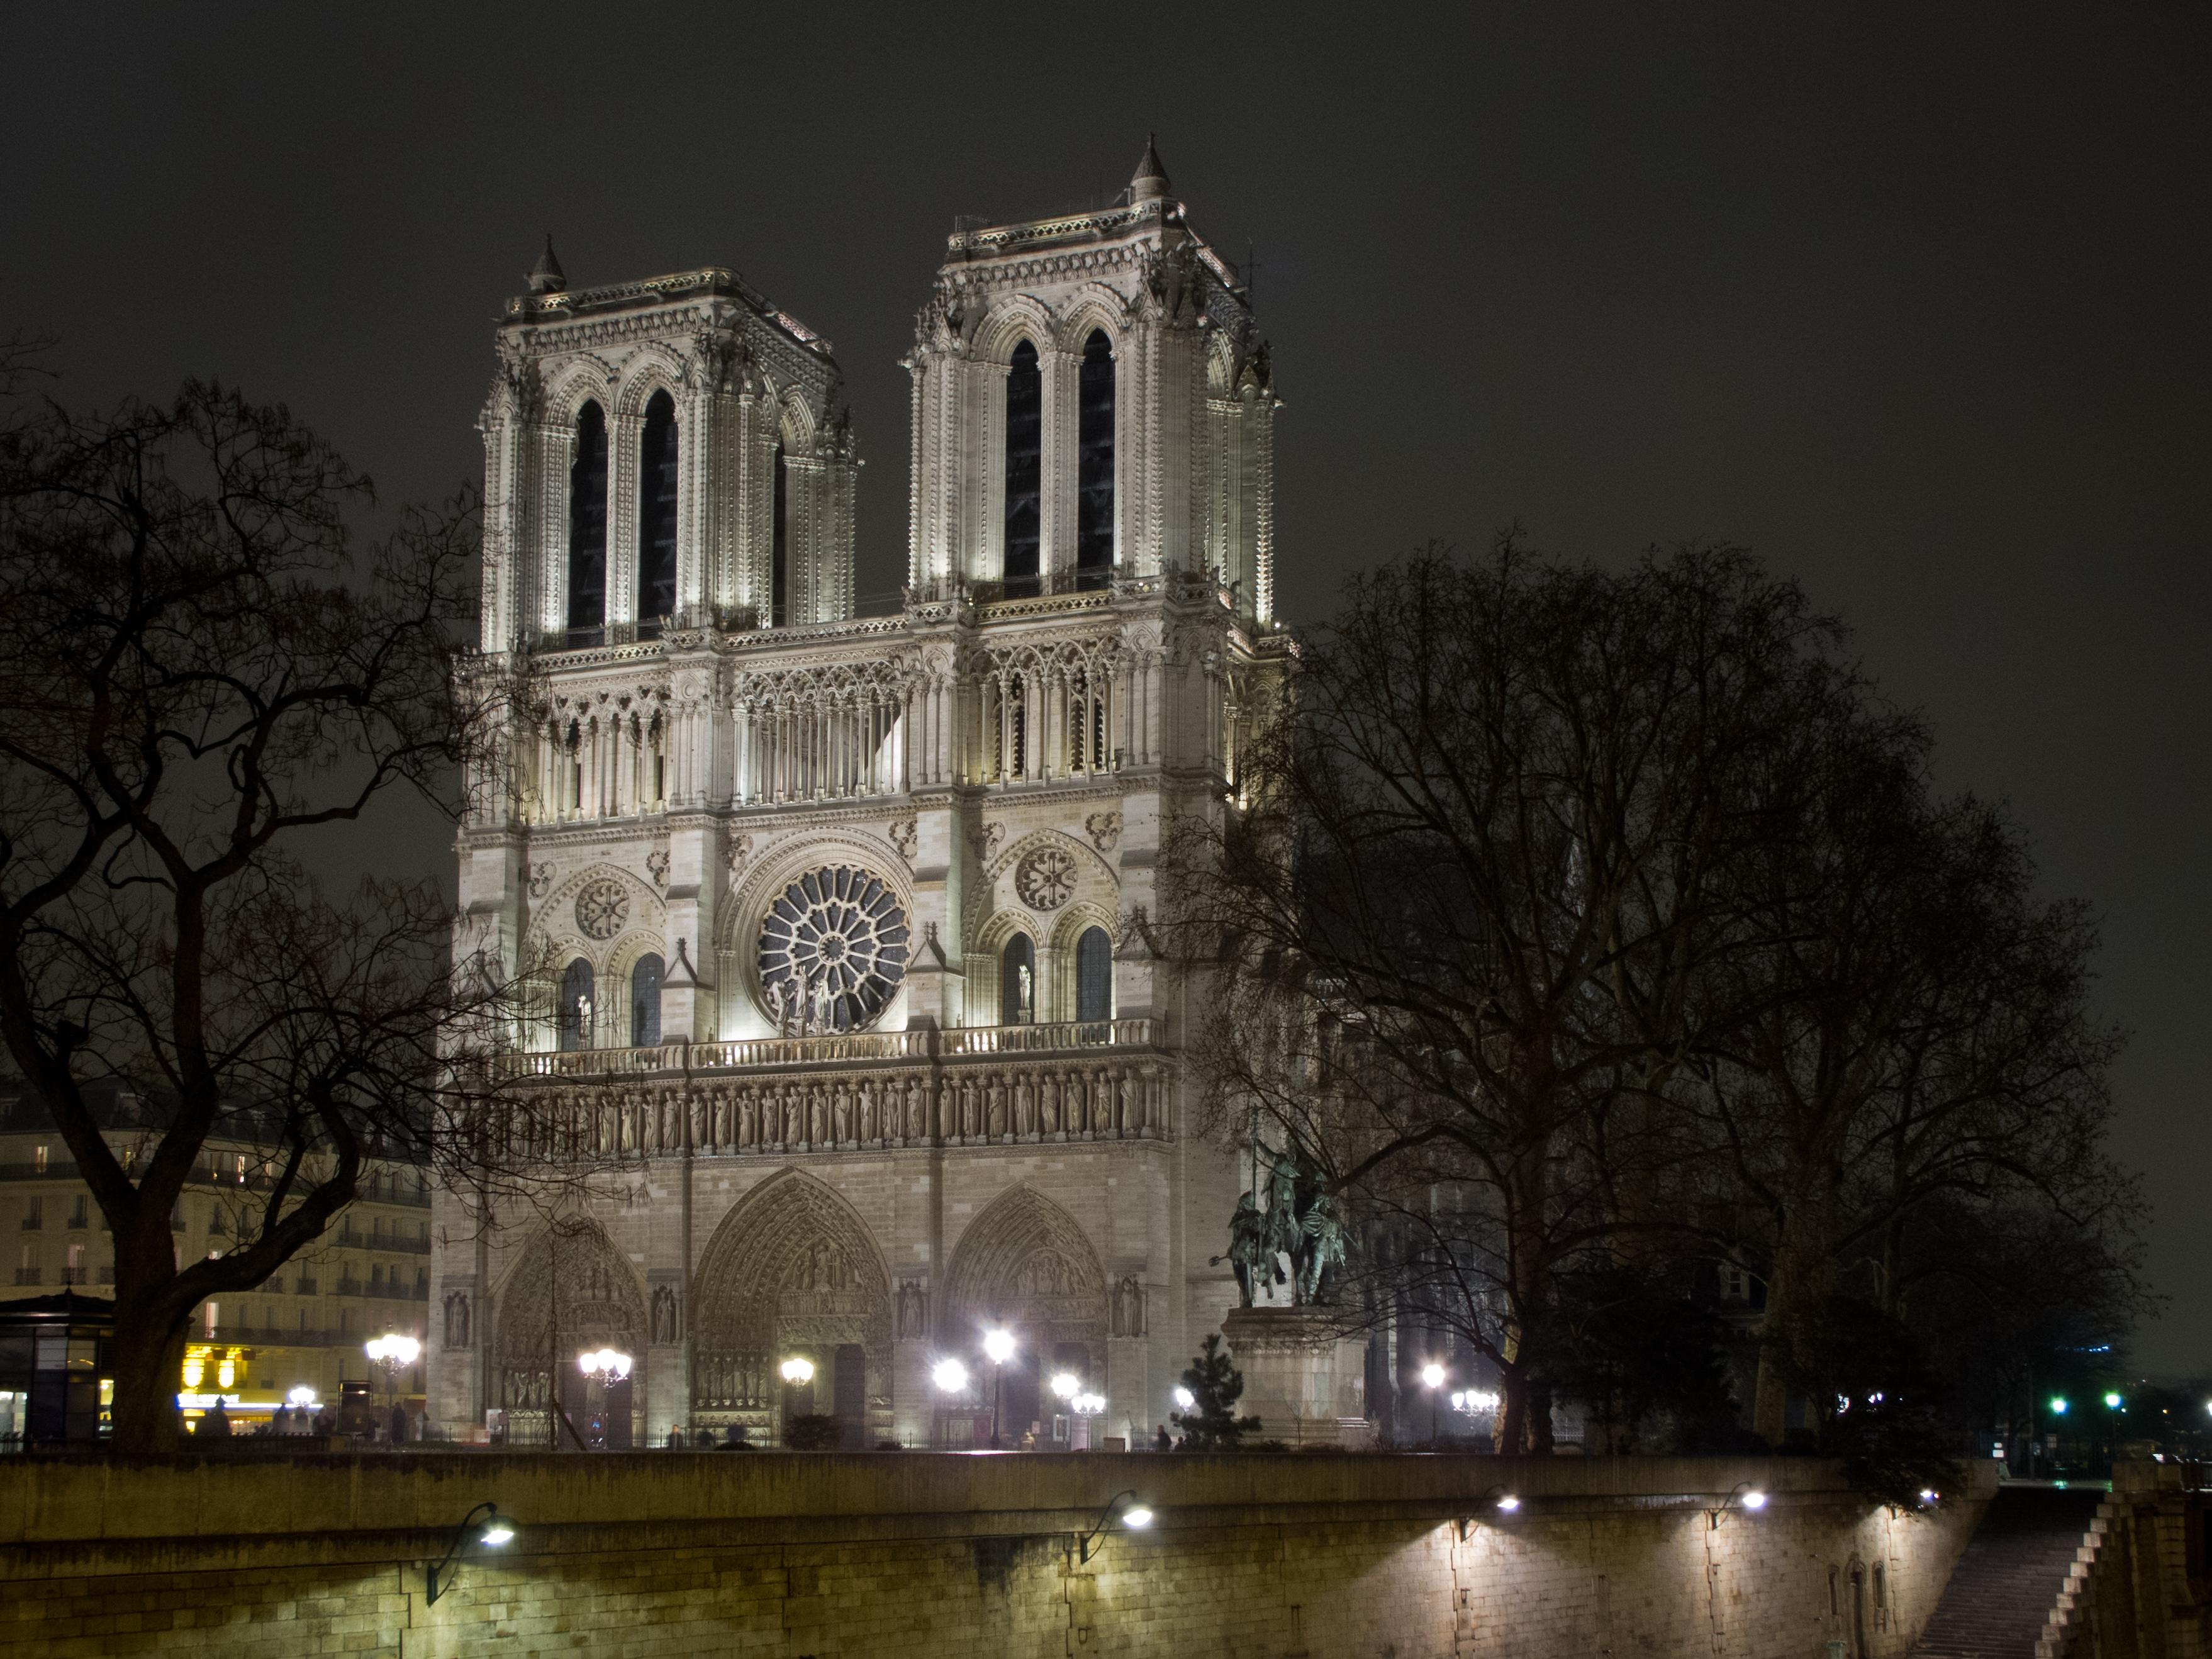 Image Cathédrale Notre Dame de Paris File:cathédrale Notre-dame de